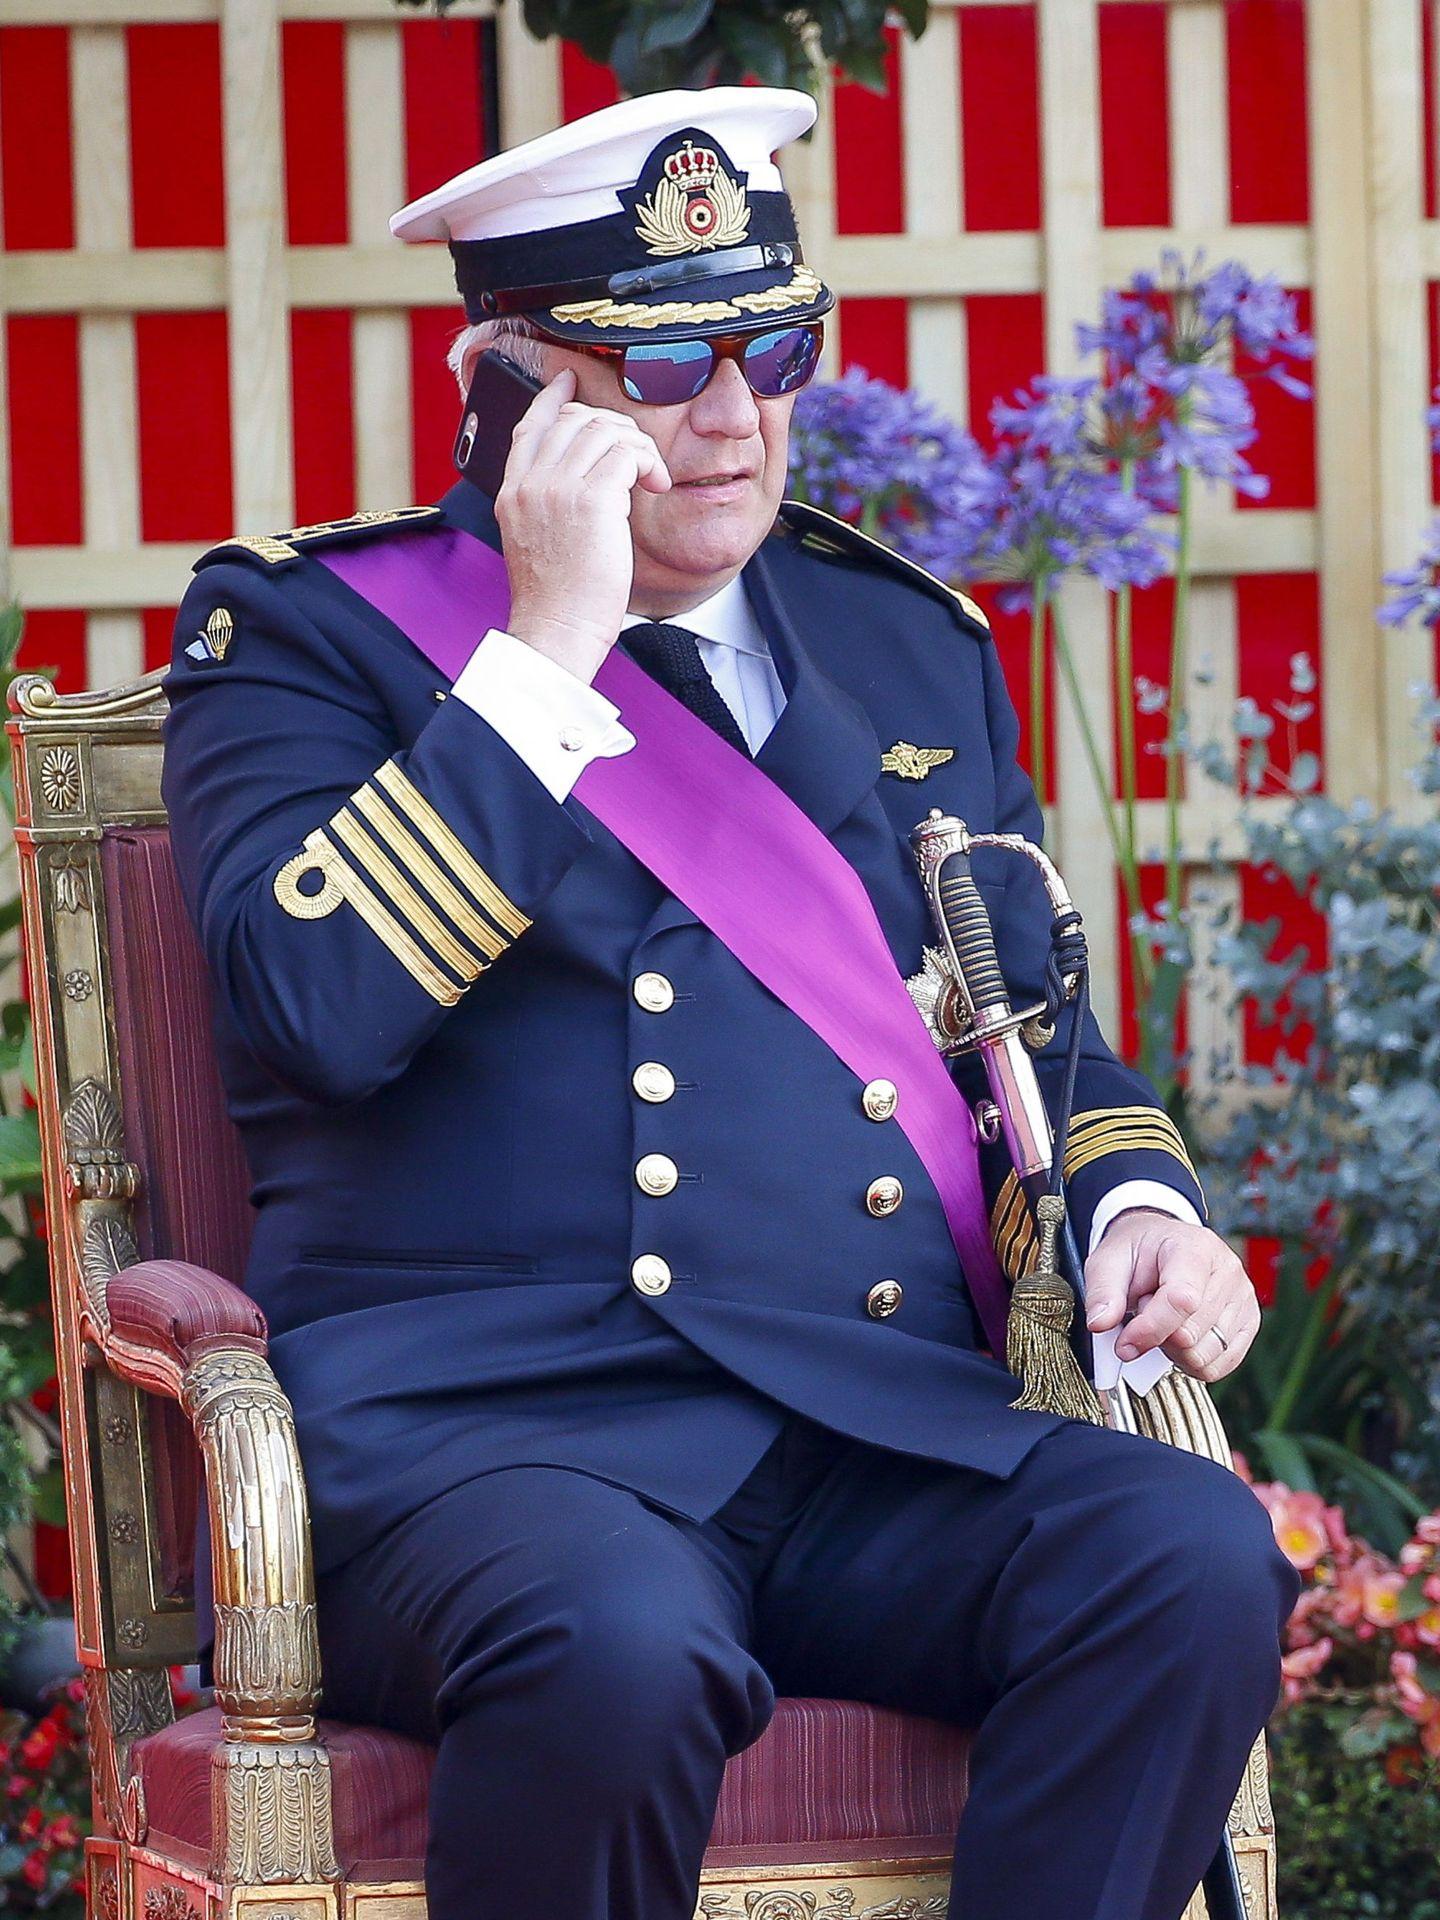 Laurent de Bélgica, hablando por teléfono en las celebraciones del Día Nacional. (Reuters)